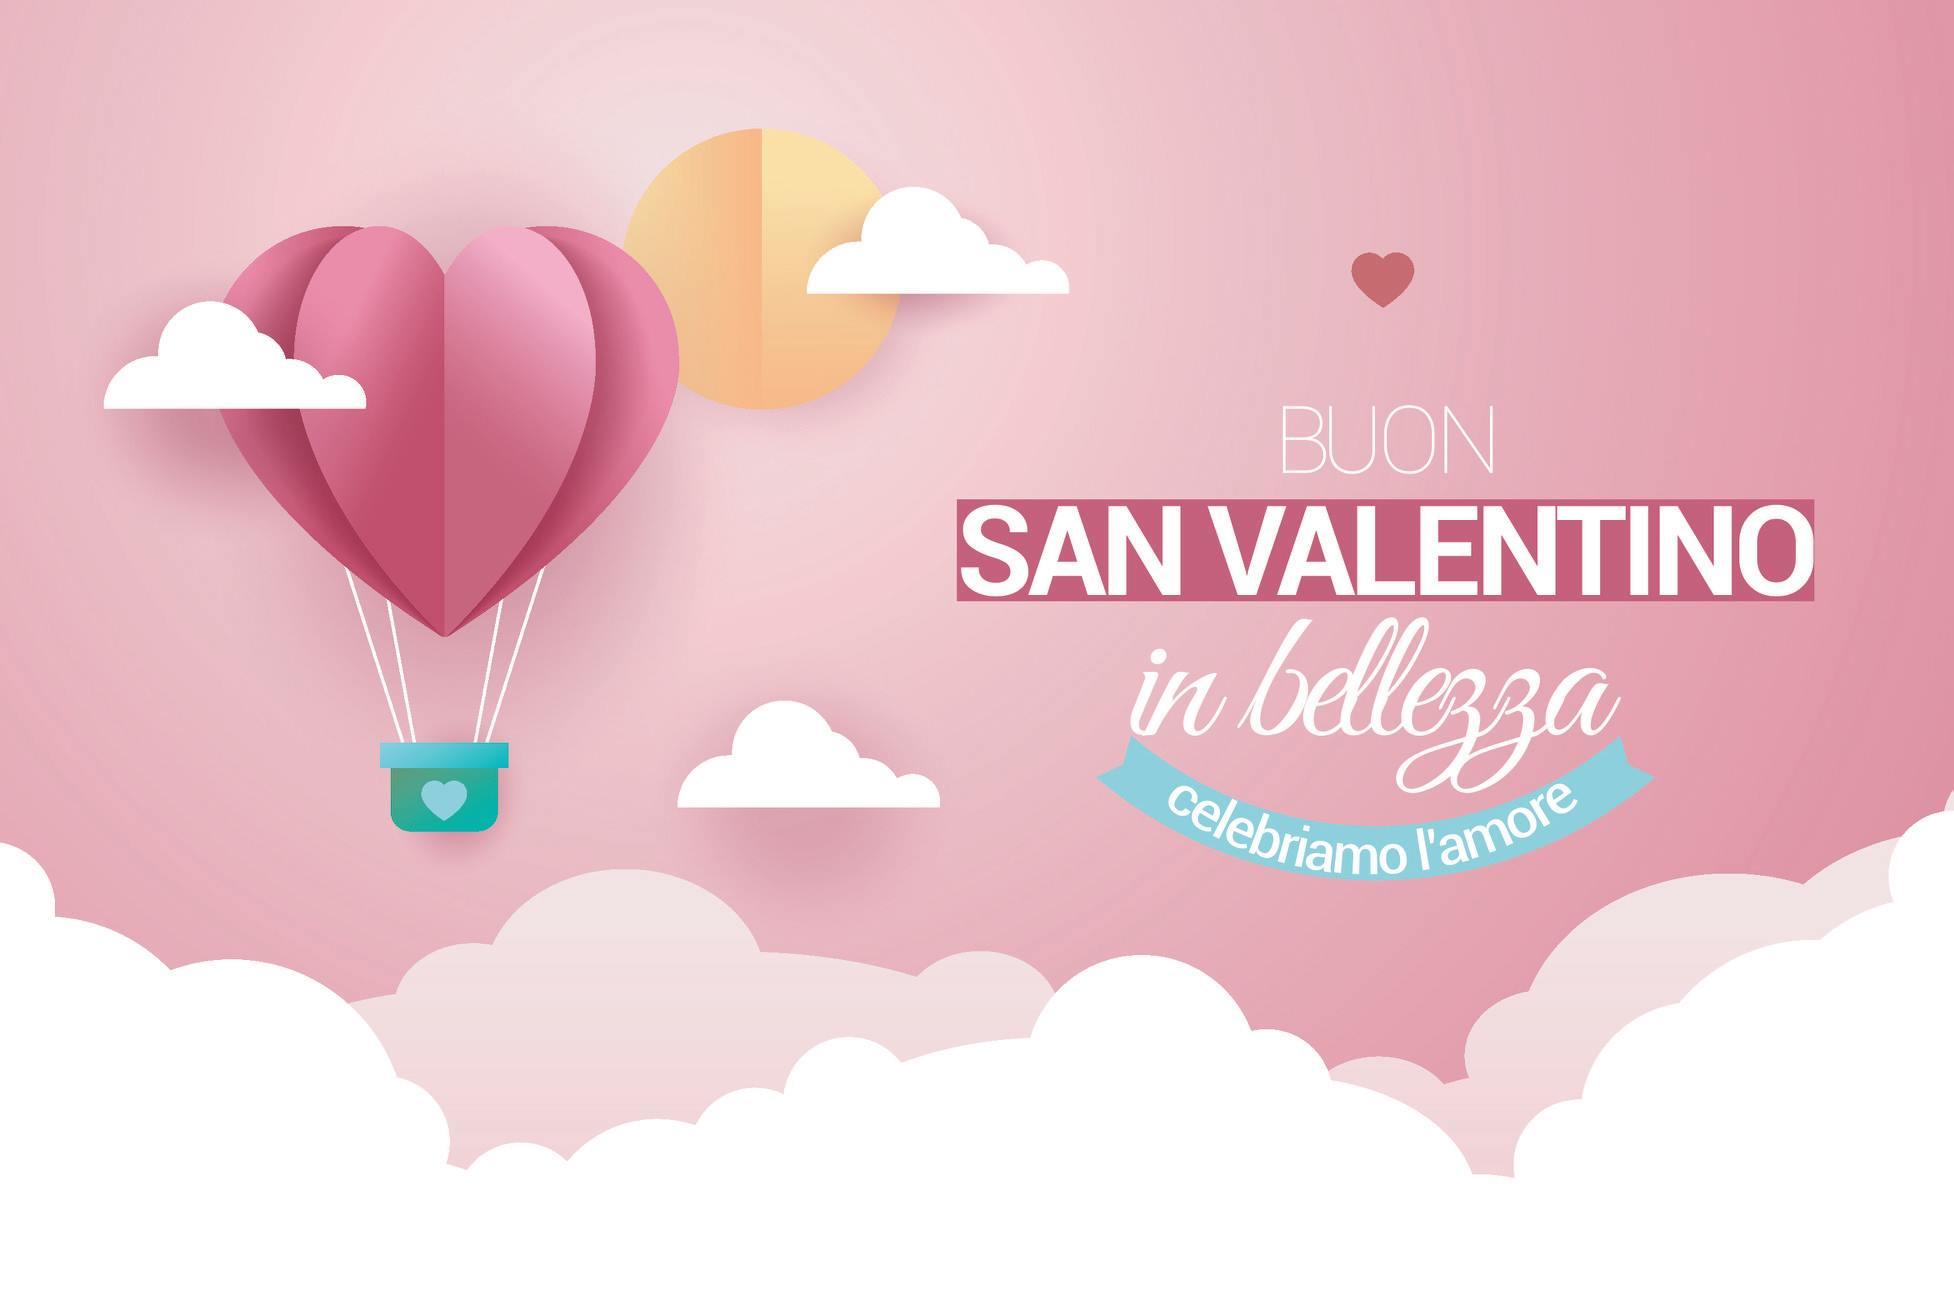 Idee di marketing per San Valentino